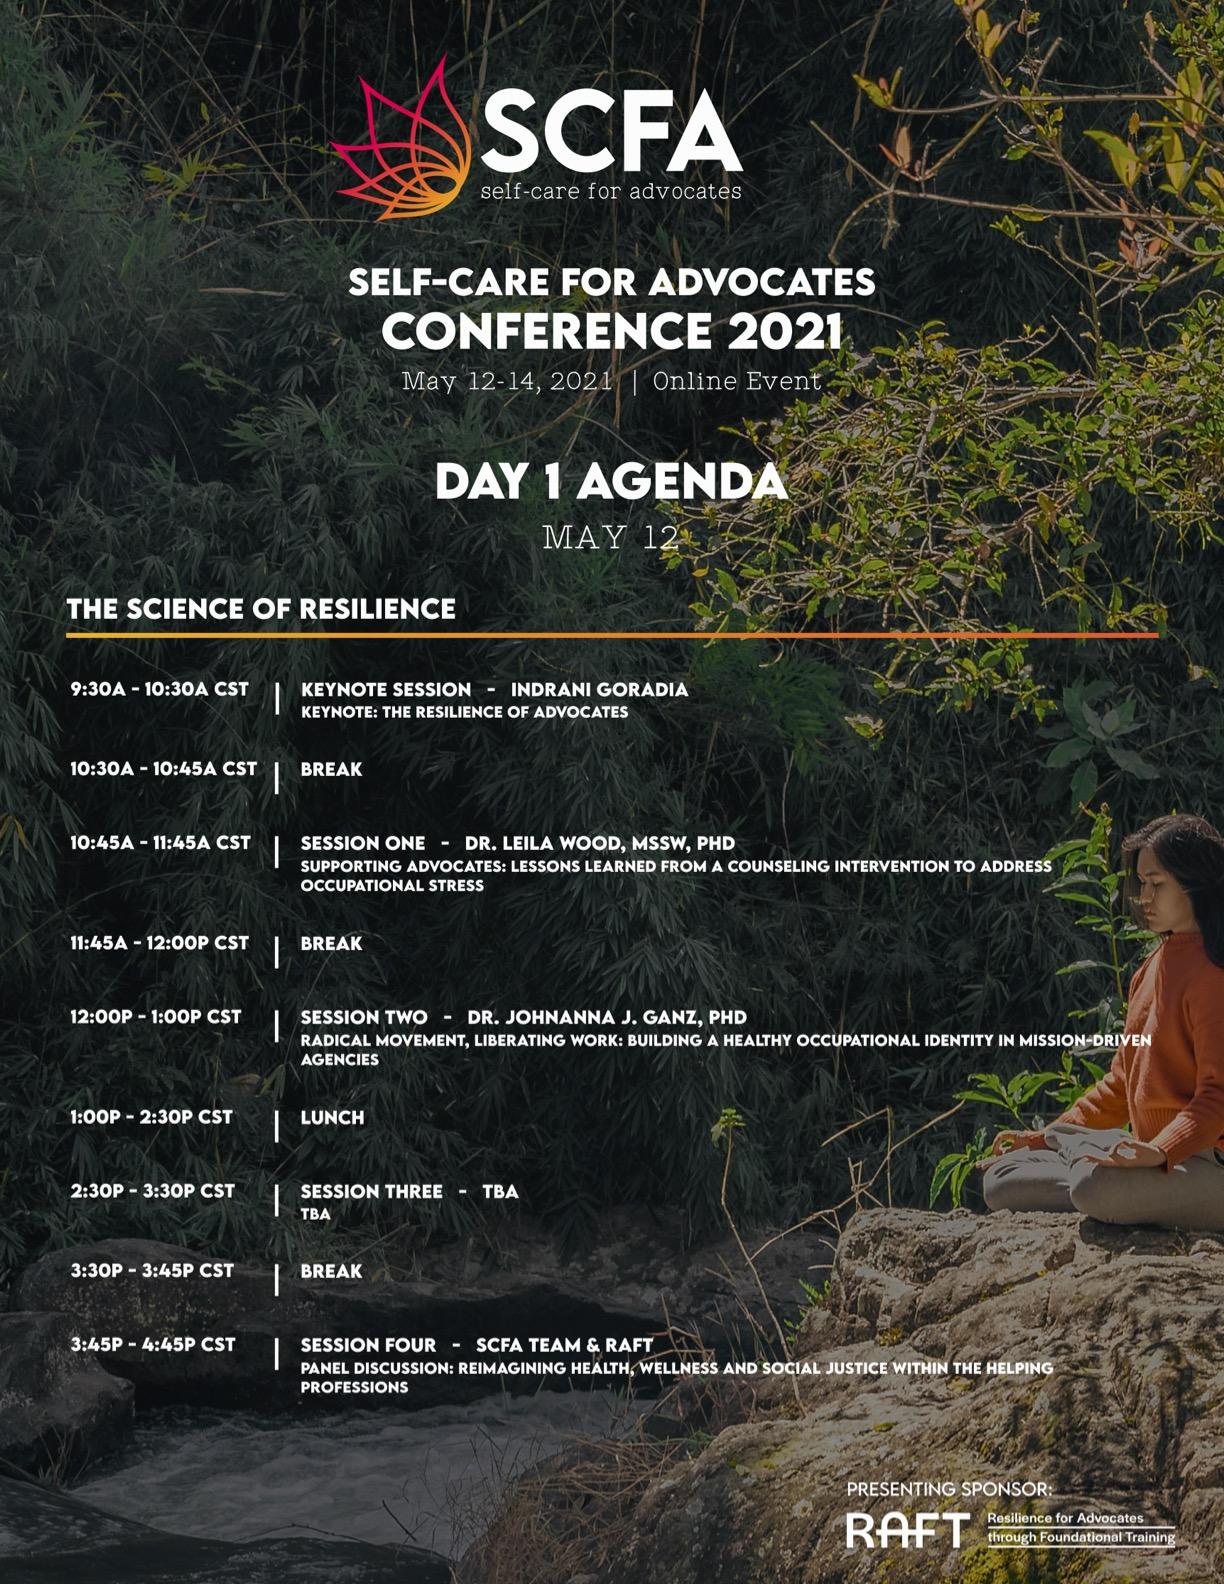 SCFA Con Agenda Day 1